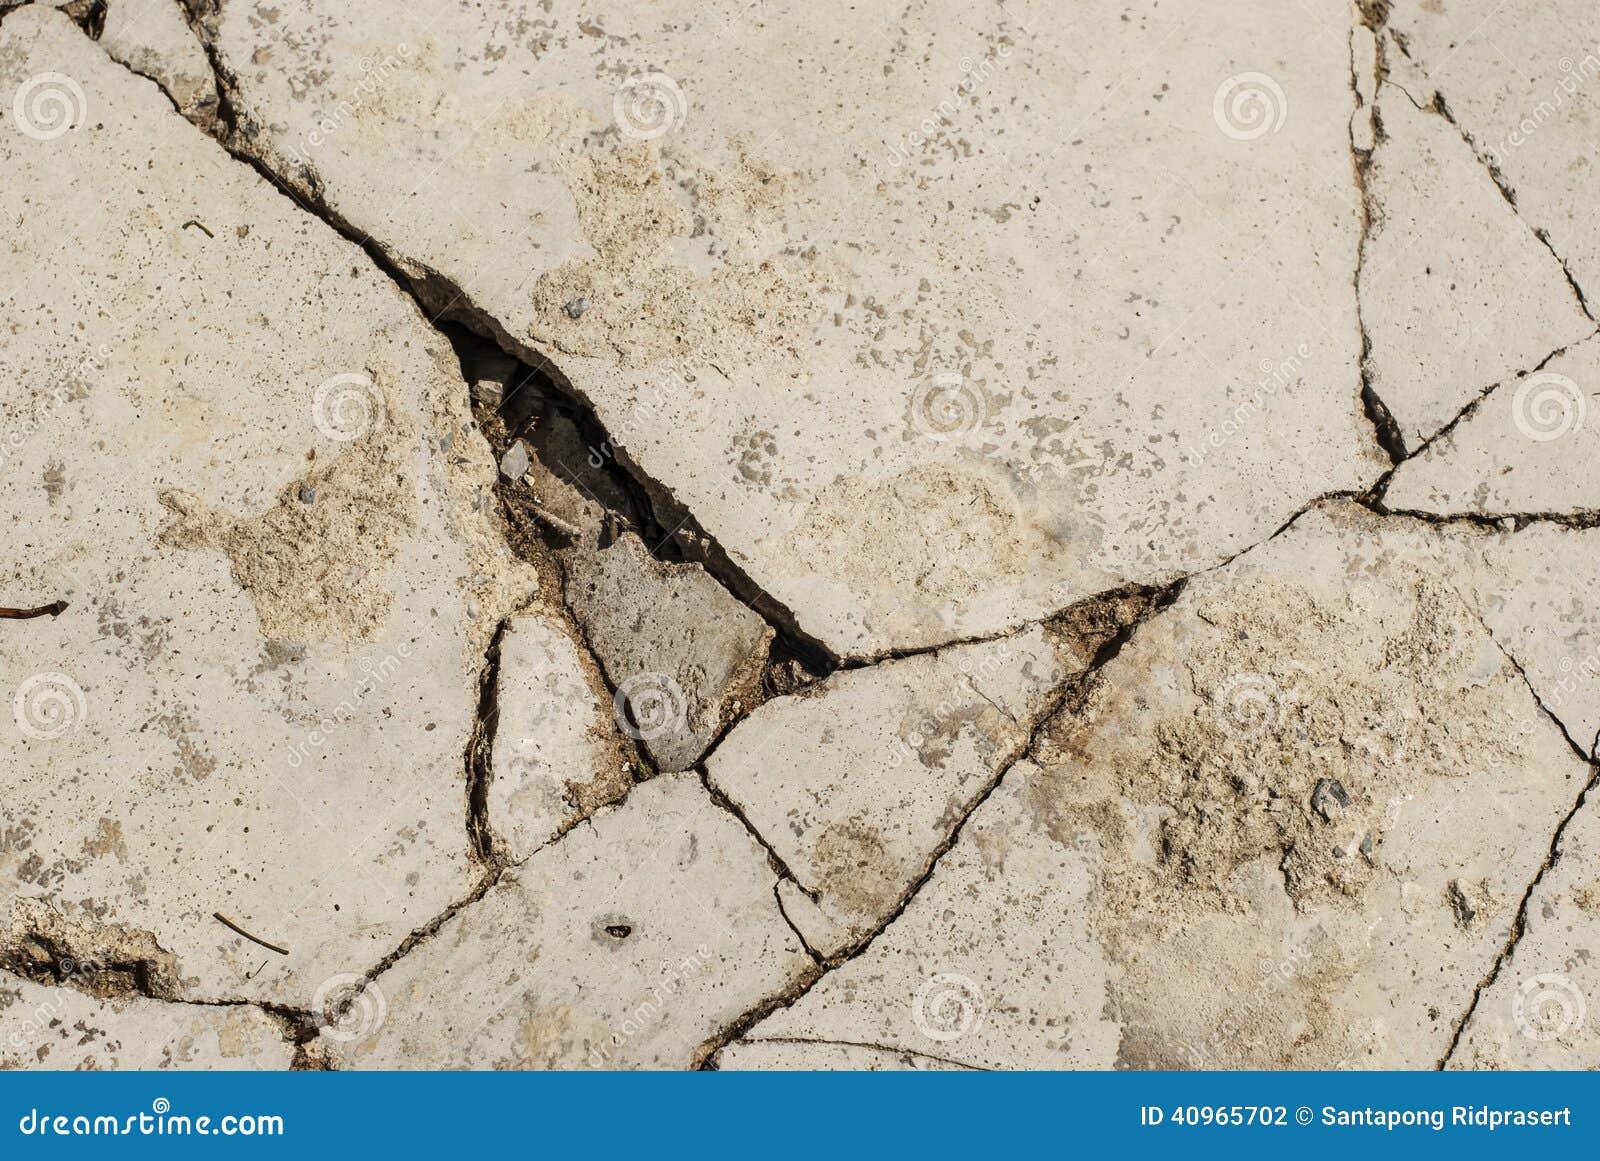 Сломанный бетон замешать керамзитобетон